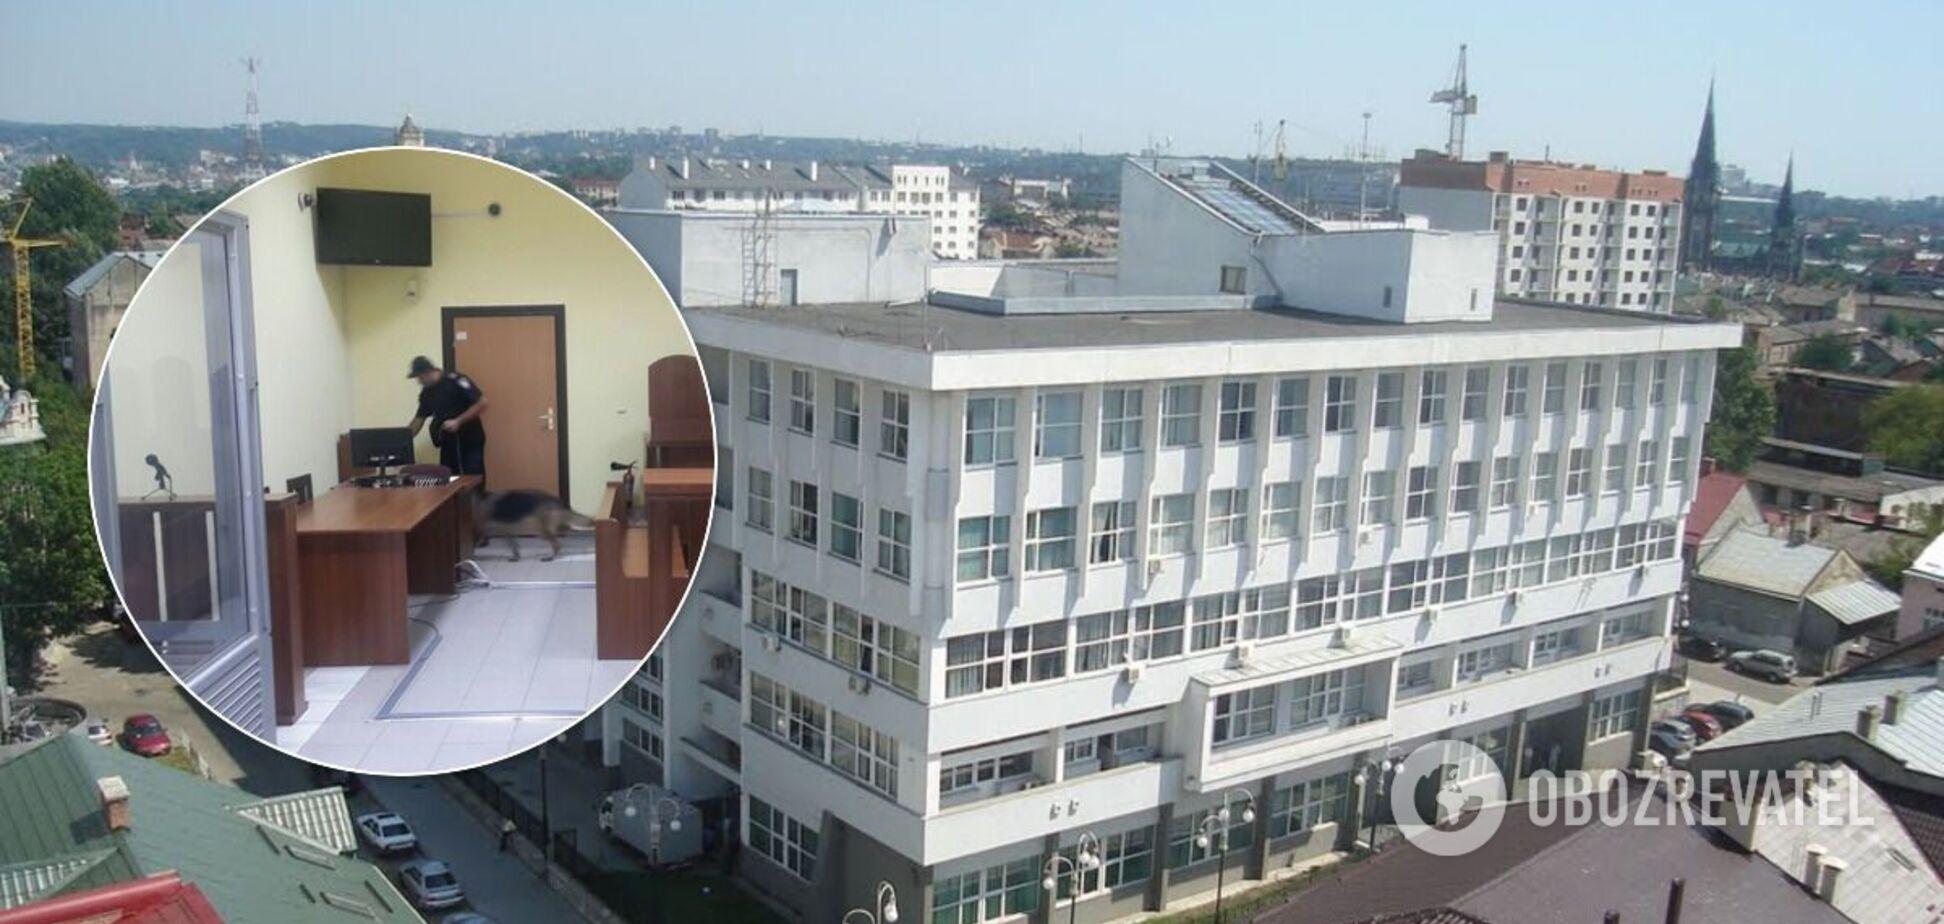 Полицейские проверяют сообщение о заминировании помещения судов во Львове